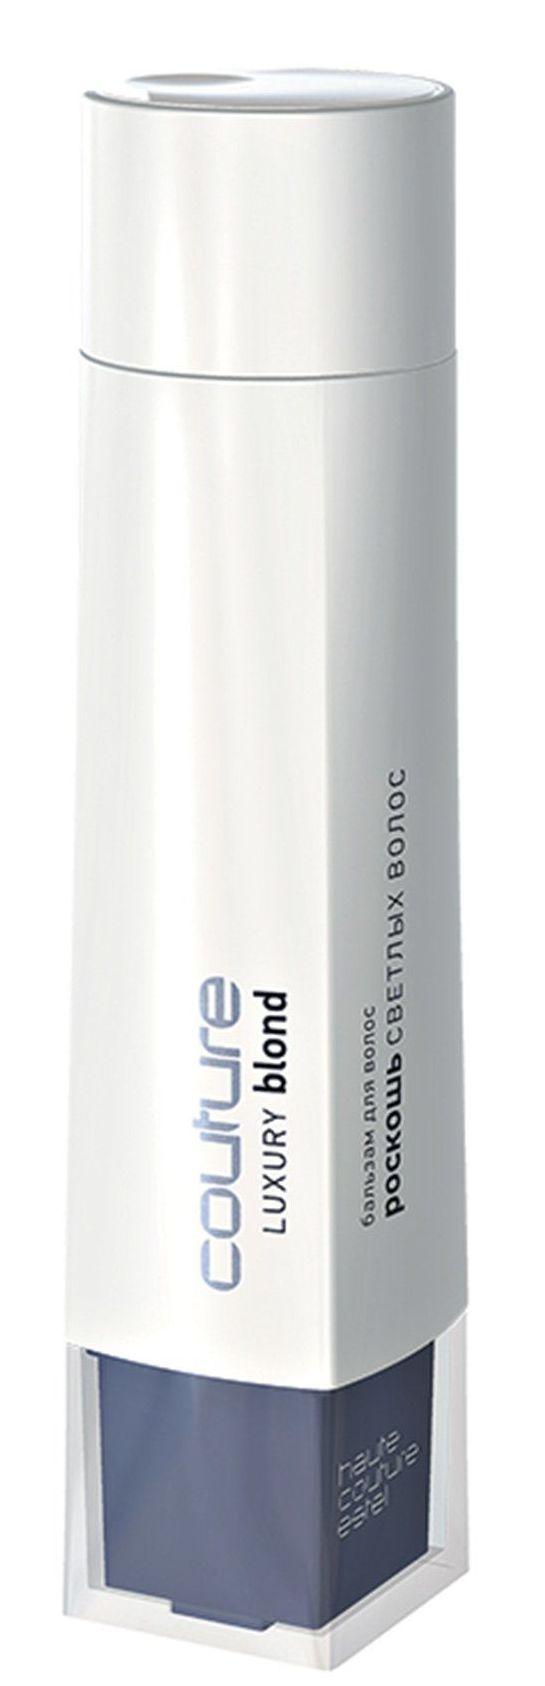 Купить ESTEL HAUTE COUTURE Бальзам для волос / LUXURY BLOND 200 мл